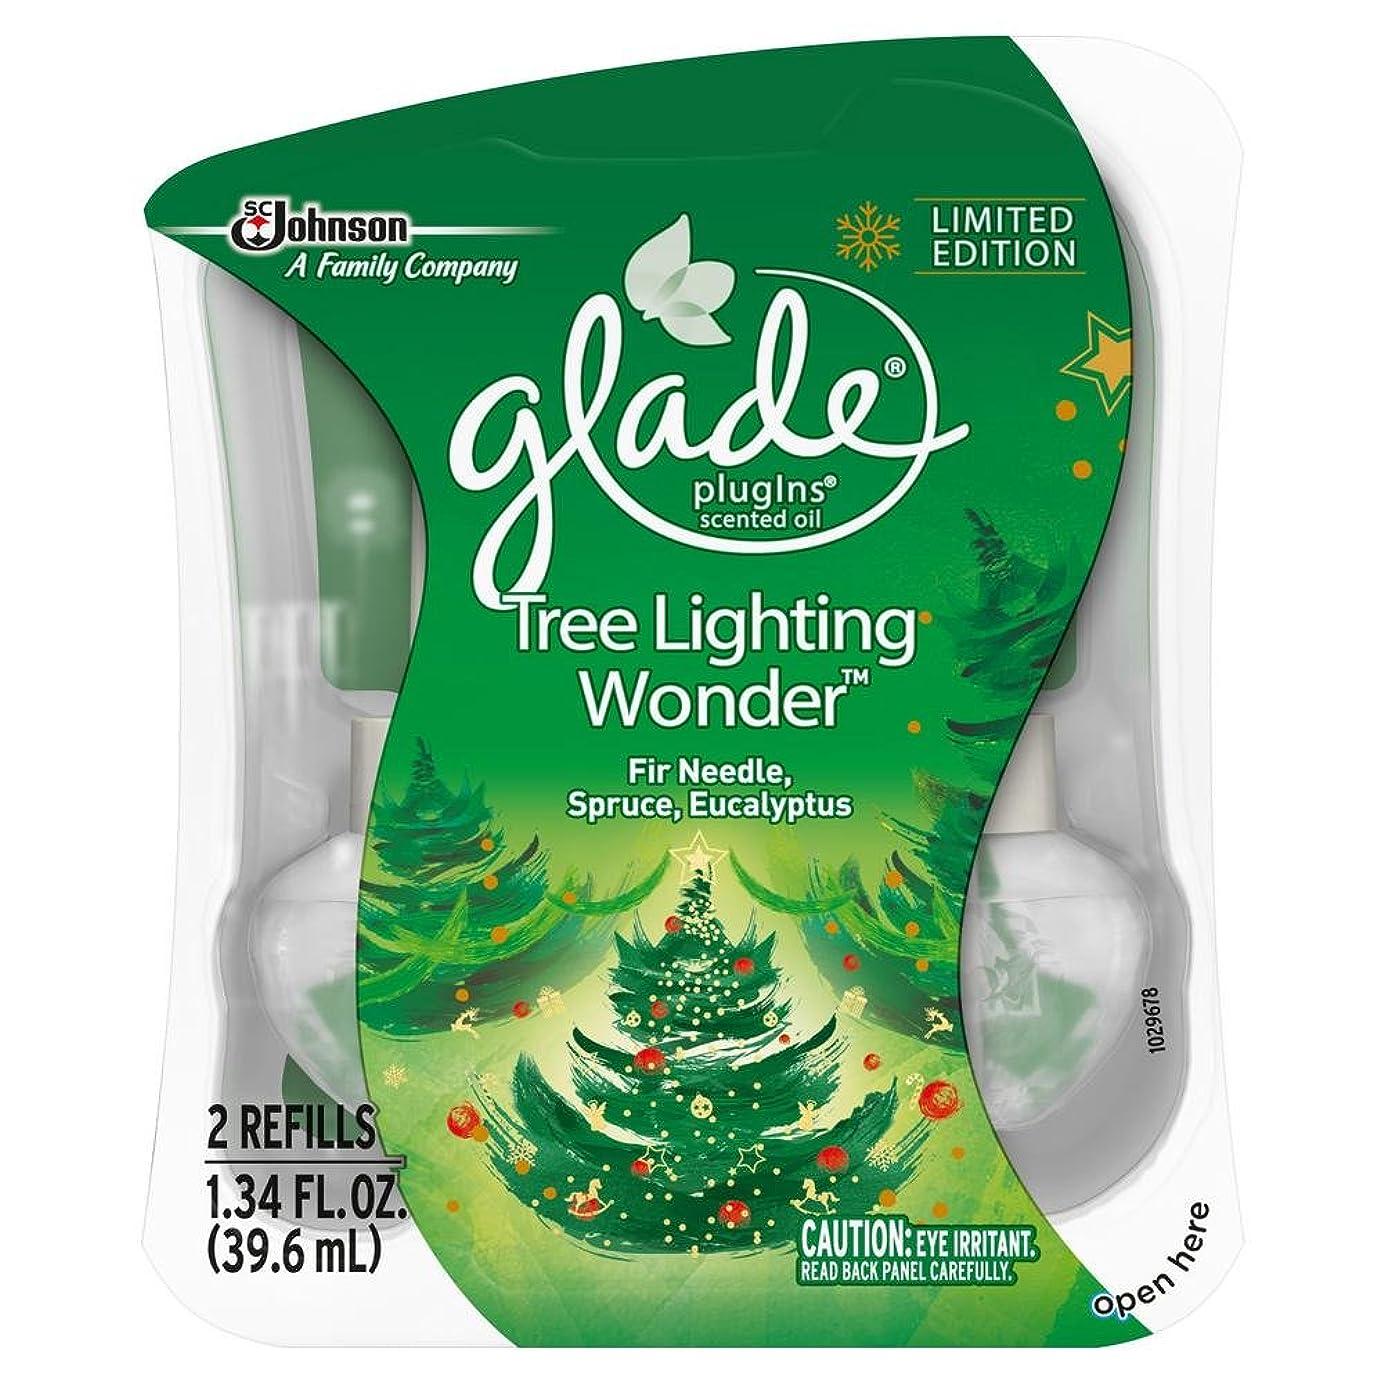 ダースどっちバリー【glade/グレード】 プラグインオイル 詰替え用リフィル(2個入り) ツリーライティングワンダー Glade Plugins Scented Oil Tree Lighting Wonder 2 refills 1.34oz(39.6ml) [並行輸入品]